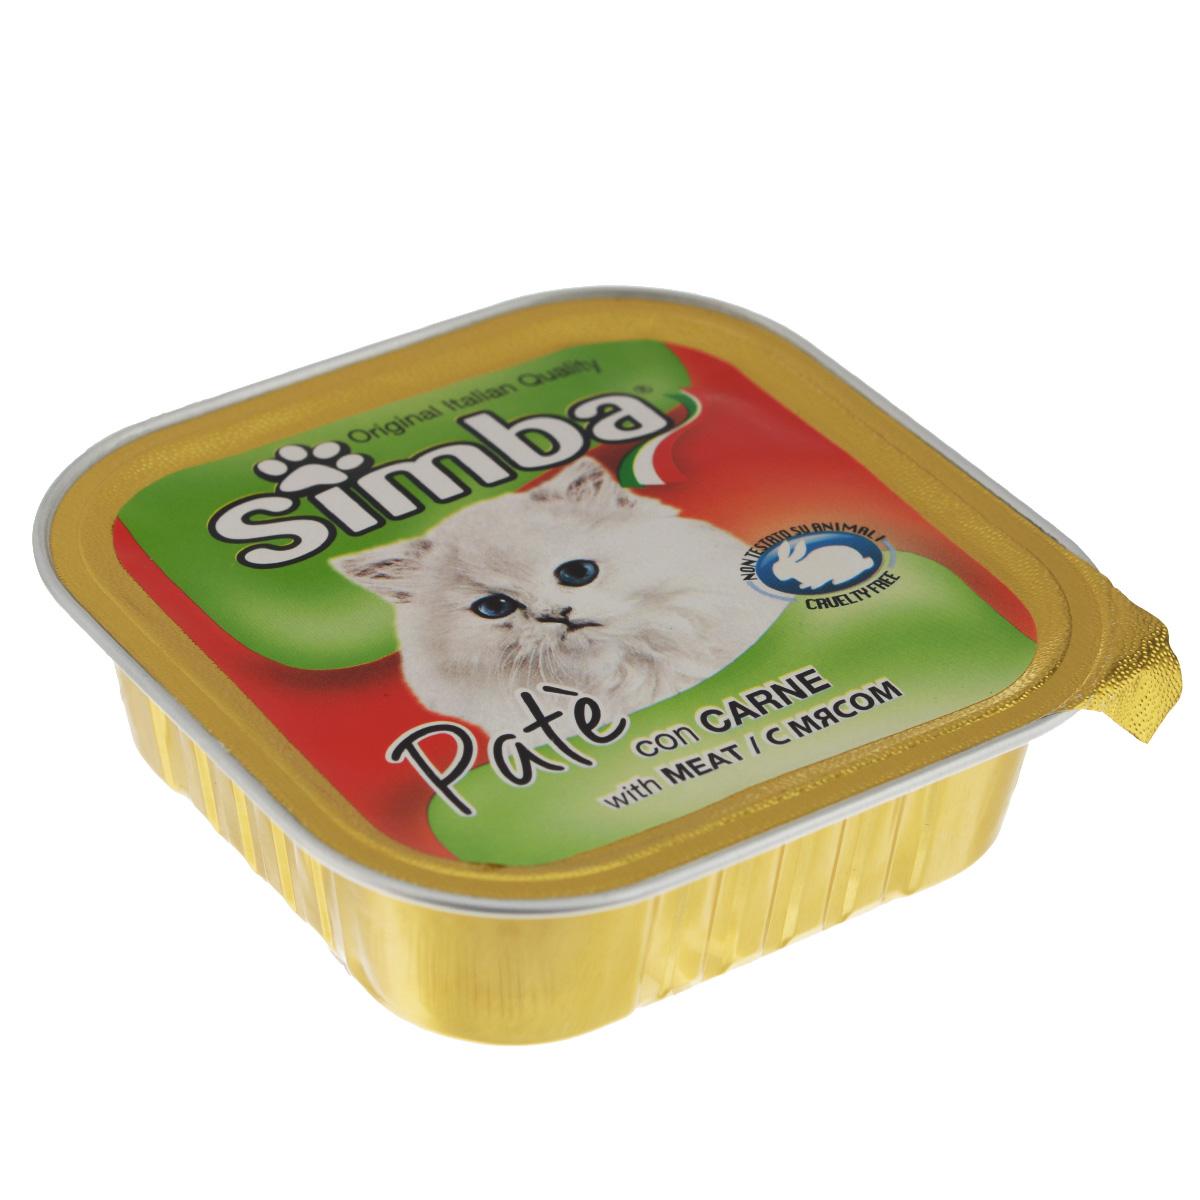 Консервы Monge Simba для взрослых кошек, паштет с мясом, 100 г12171996Консервы Monge Simba - полнорационный корм для взрослых кошек. Без добавления консервантов и антиоксидантов. Экологически чистое производство гарантирует высочайшее качество и длительные сроки хранения консервов. Тщательный отбор сырья и содержащийся в нем полный набор витаминов и микроэлементов обеспечивает отличную усвояемость и отсутствие проблем с пищеварением у ваших любимых питомцев. Состав: мясо и мясные субпродукты (6%), каррагенин, минеральные вещества, натуральные красители и вкусовые добавки.Пищевая ценность: протеин 8,0%, жир 7,5%, зола 2,1%, клетчатка 0,4%, влажность 82%. Добавки на кг: витамин А: 1 200; витамин D3: 160; витамин Е: 5 мг/кг.Товар сертифицирован.